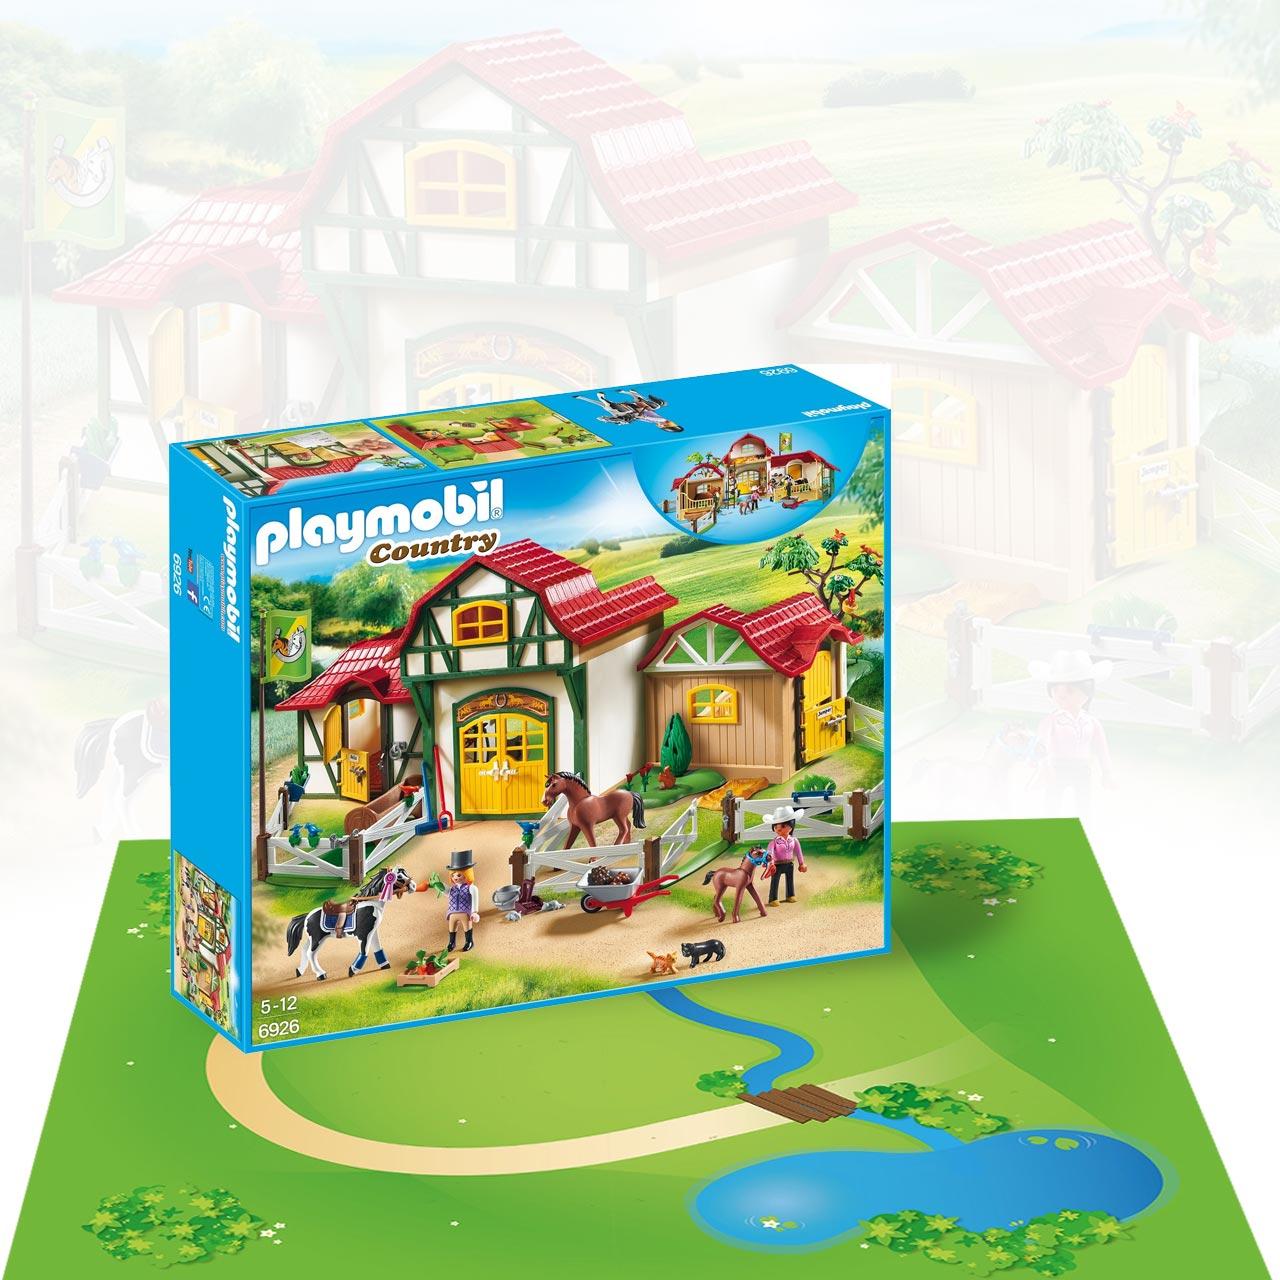 Playmobil Reiterhof inklusive großem Spielmatten-Set